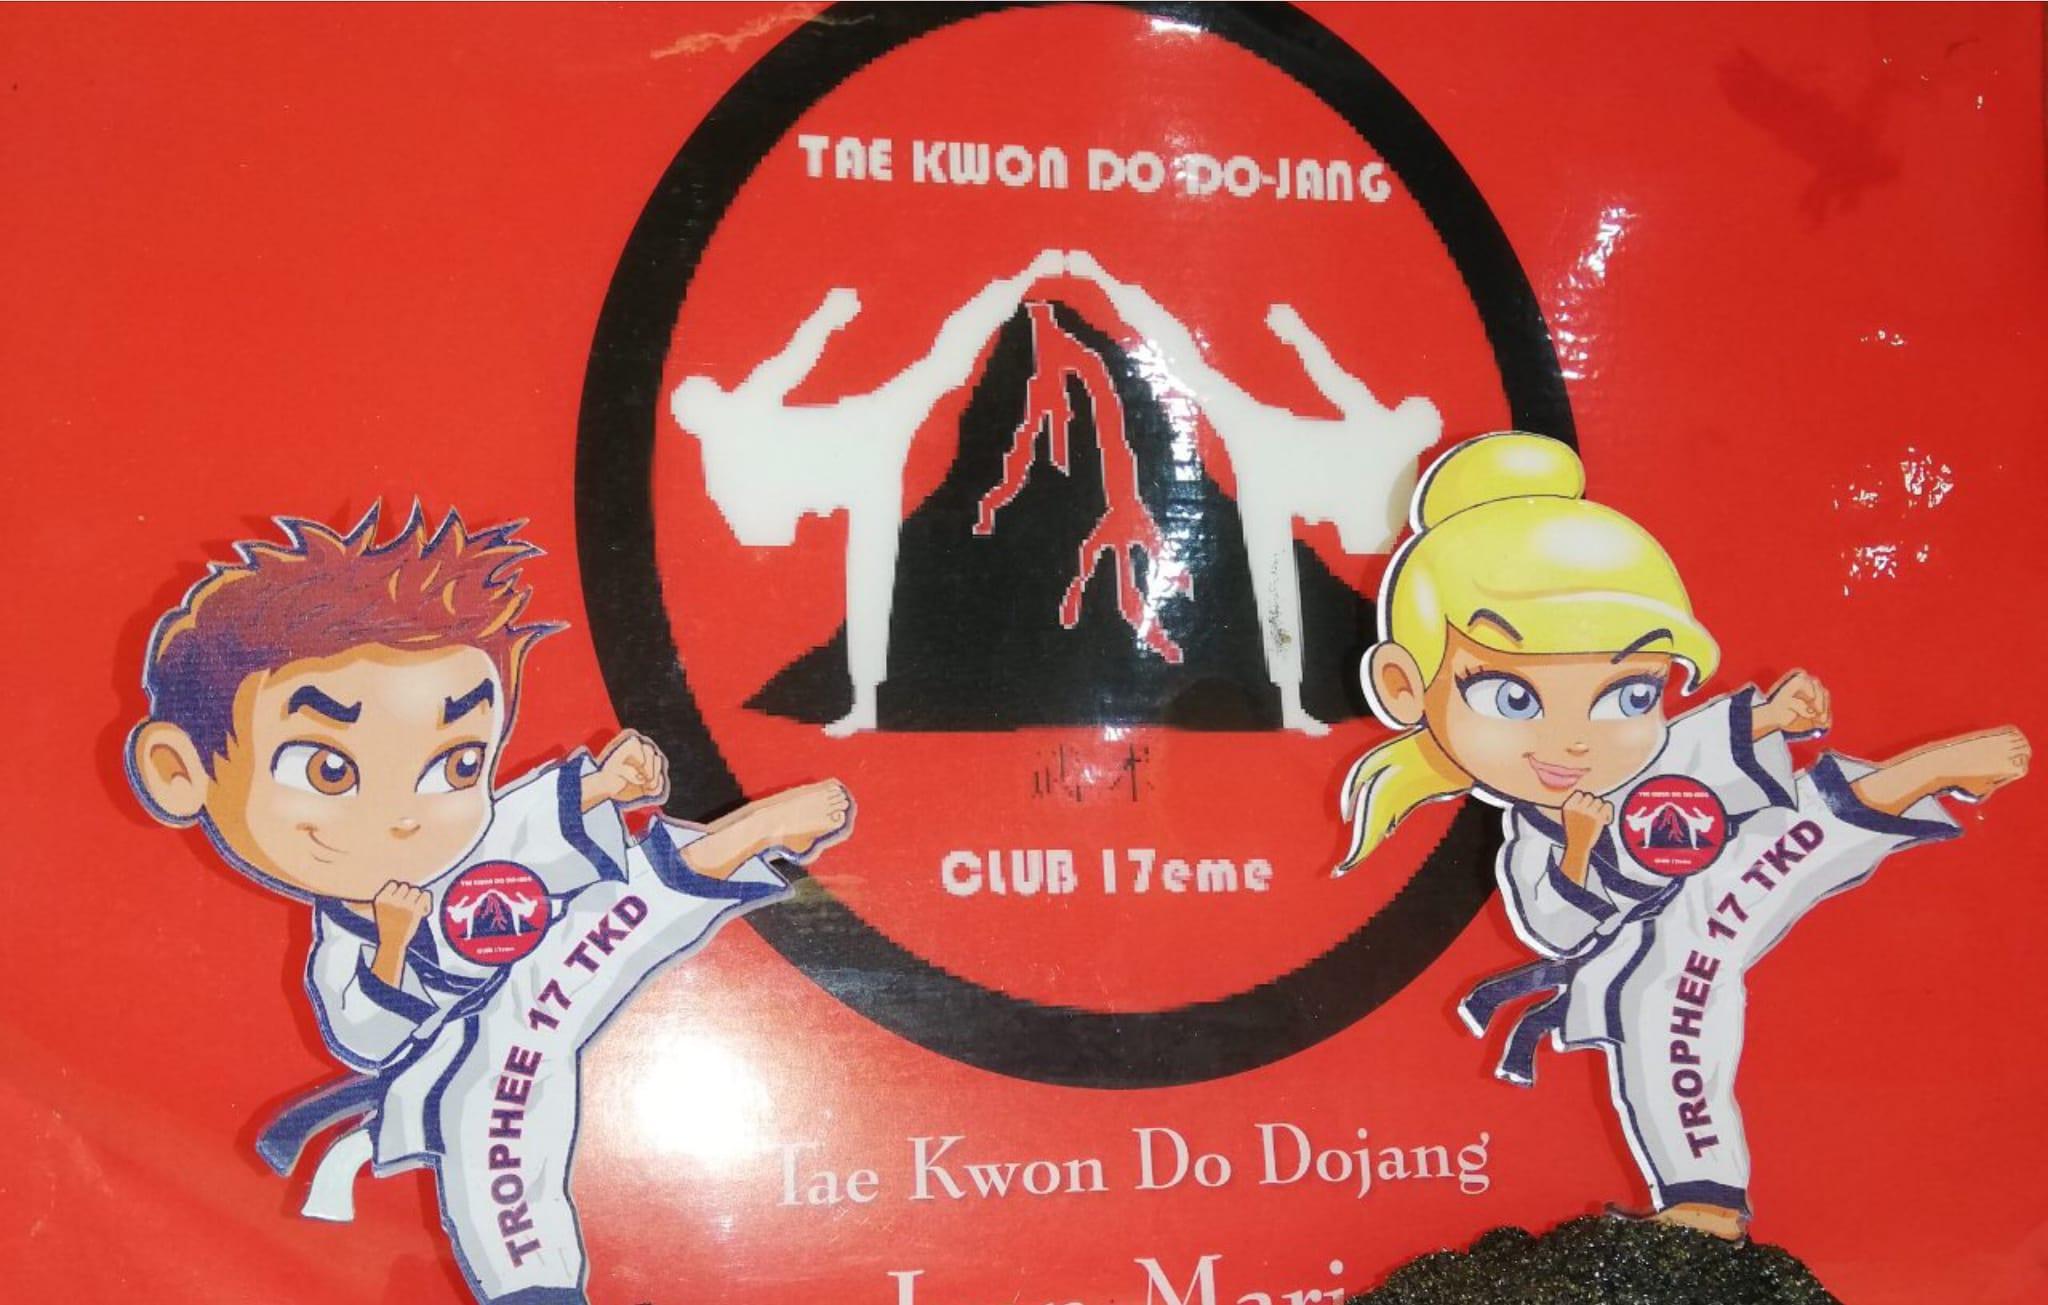 17e Taekwondo Dojang